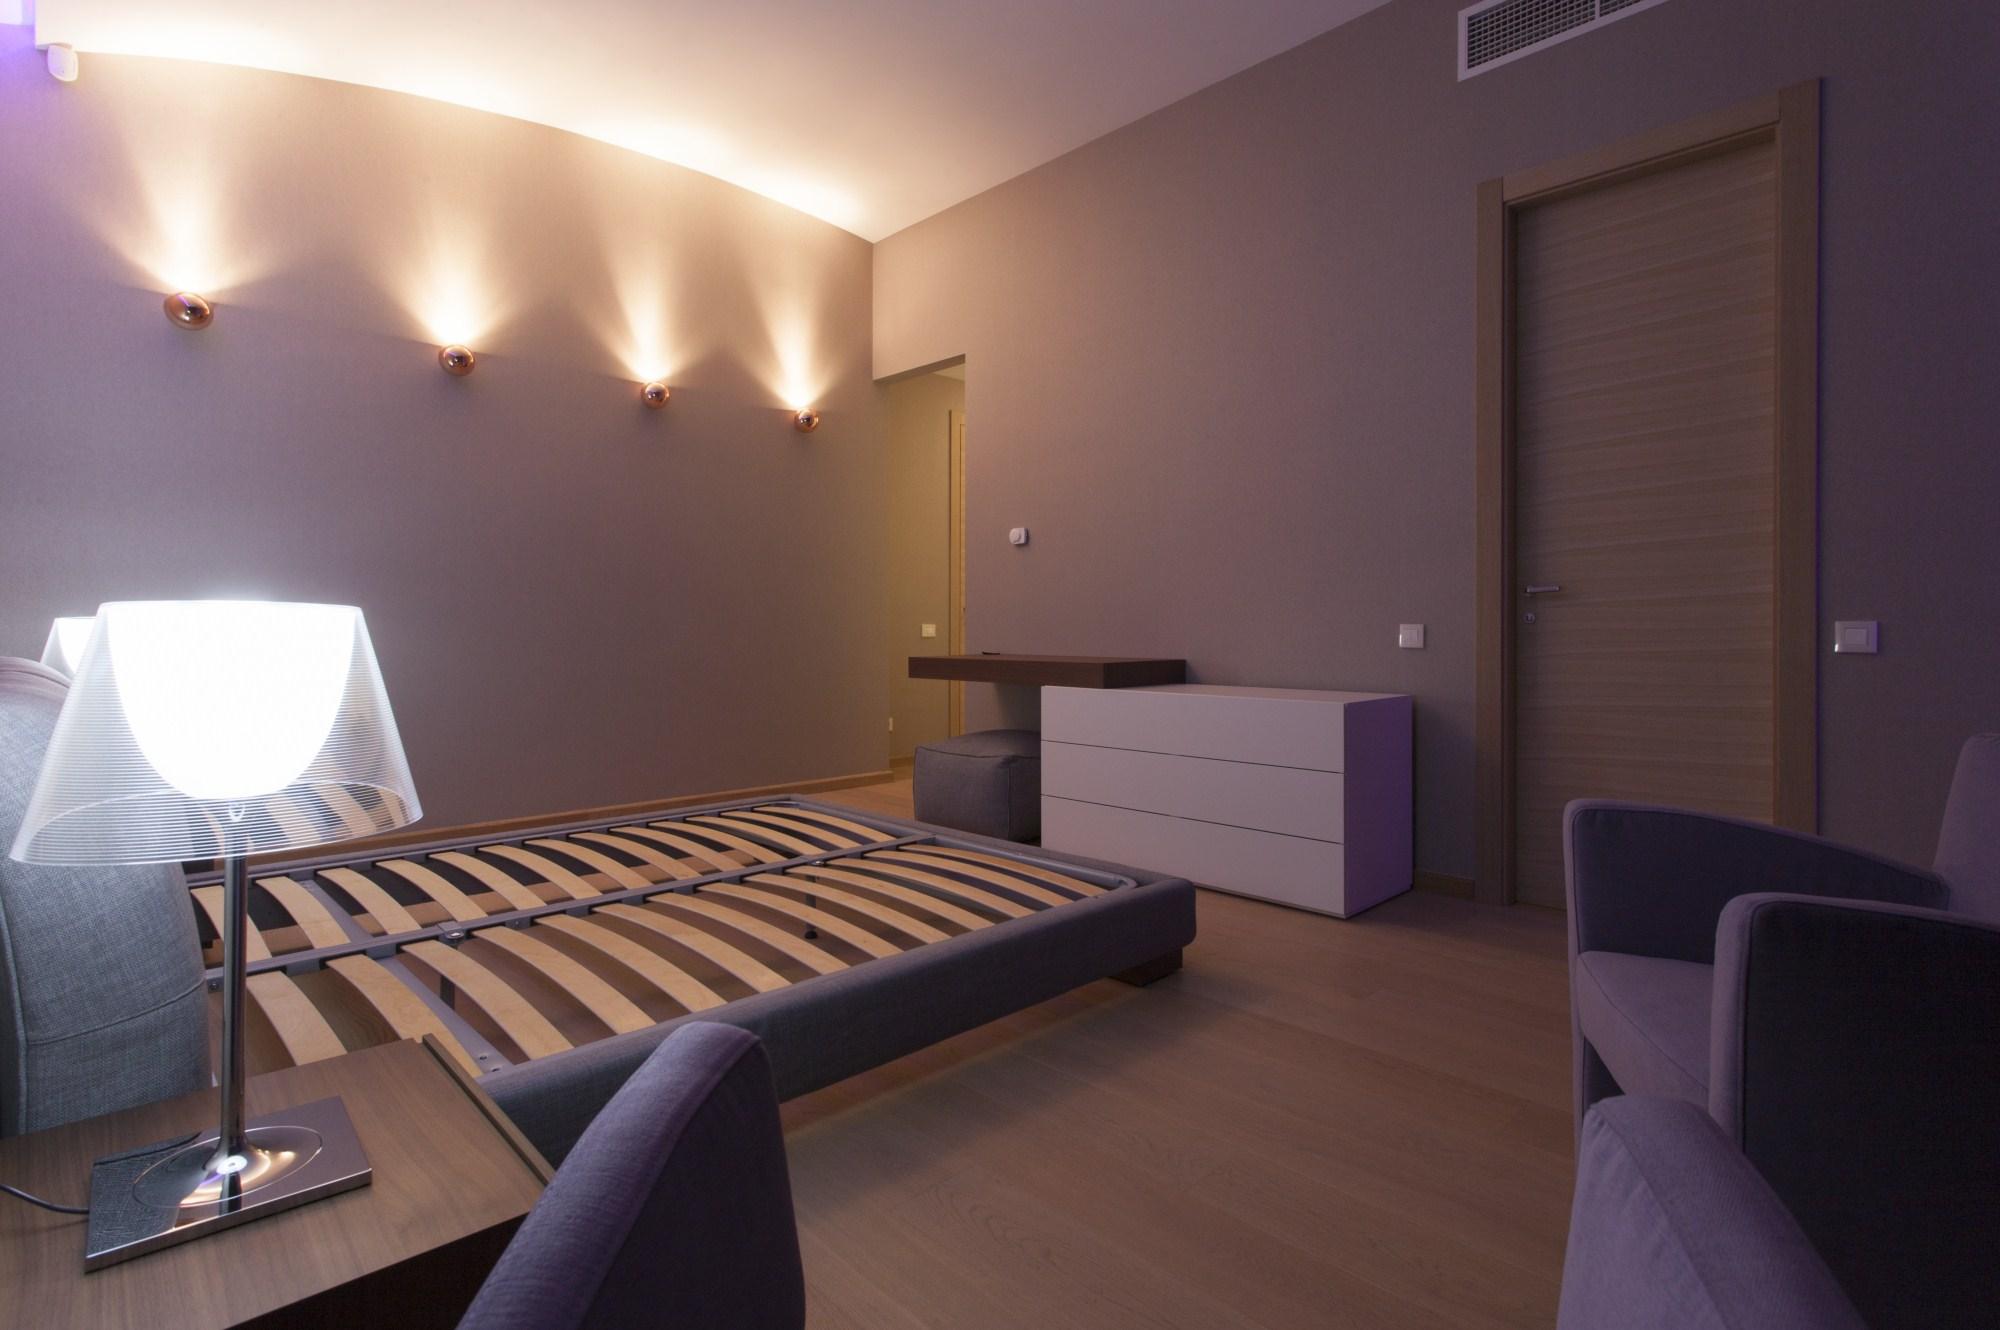 https://nbc-arhitect.ro/wp-content/uploads/2020/10/NBC-Arhitect-_-Petofi-Sandor-_-Housing-_-interior-design_2.jpg